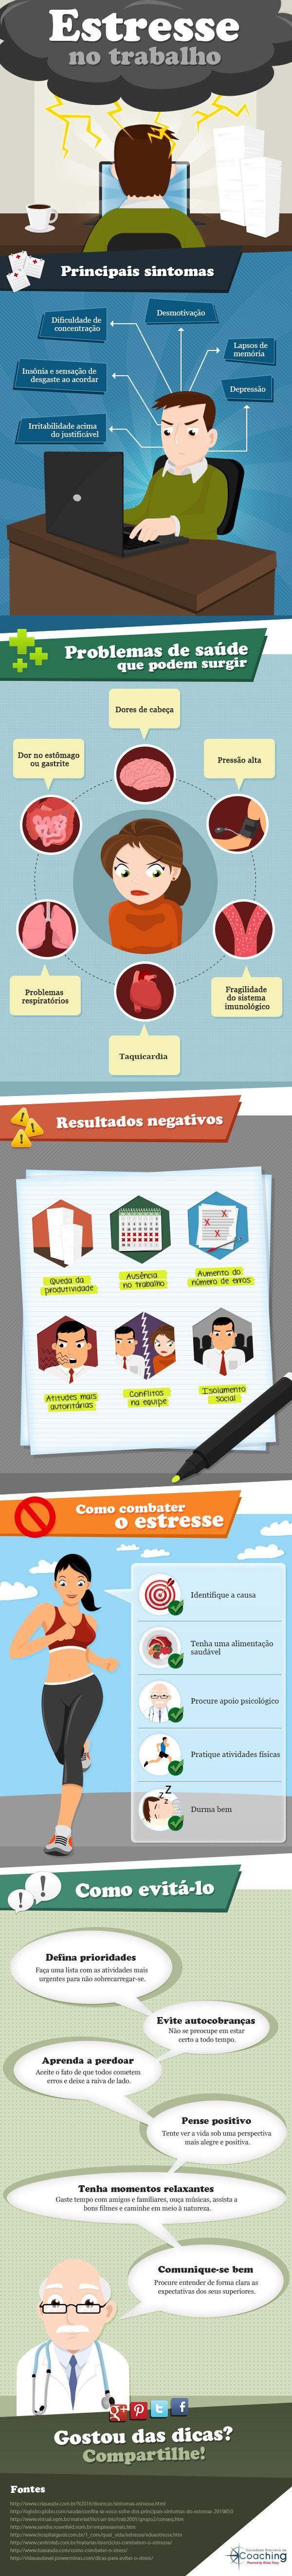 Dicas para combater o estresse no trabalho